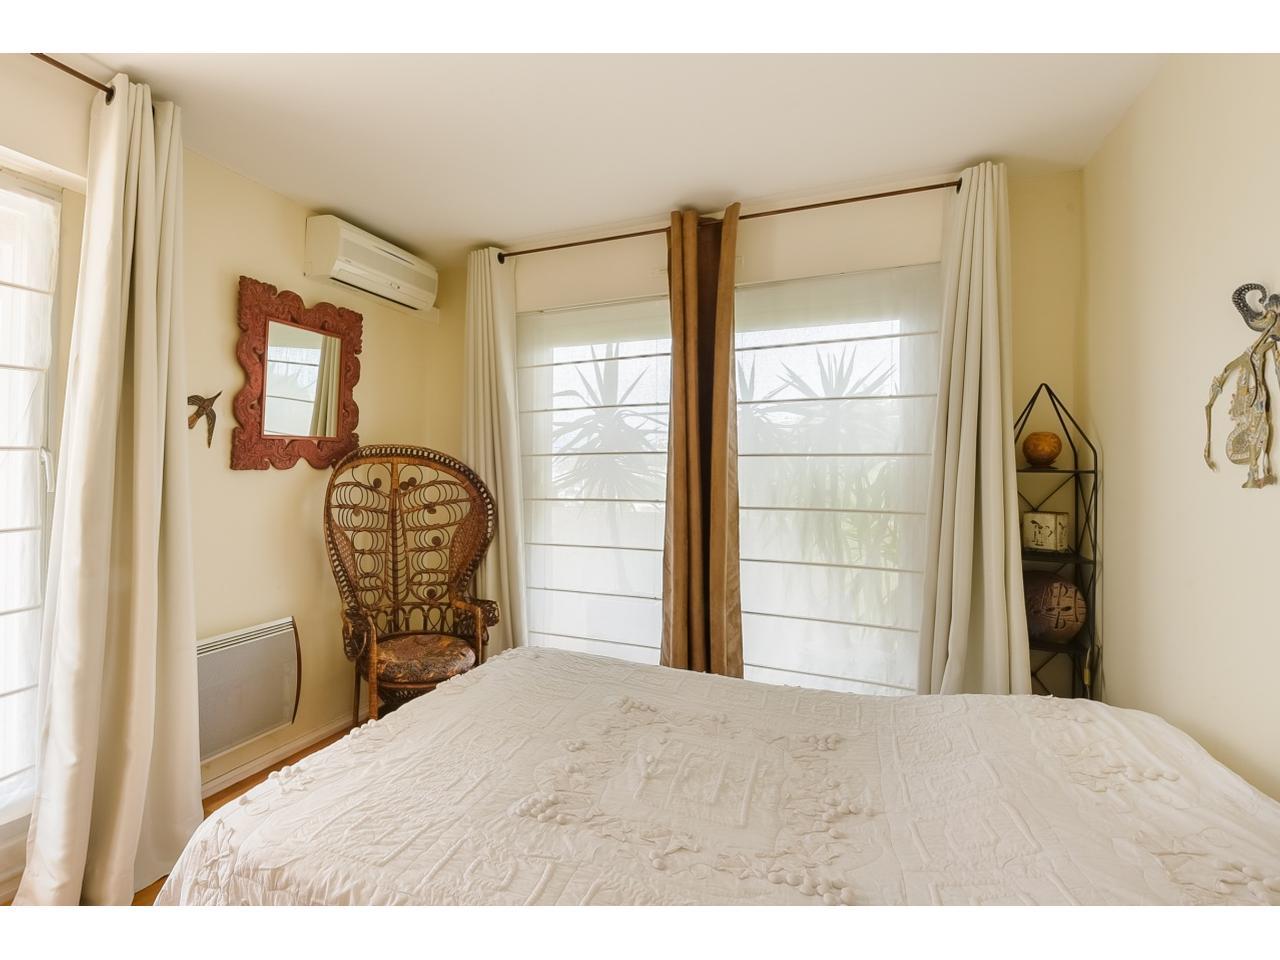 immobilier nice vue mer appartement nice dernier etage villa sur le toit vue mer a vendre nice ouest. Black Bedroom Furniture Sets. Home Design Ideas